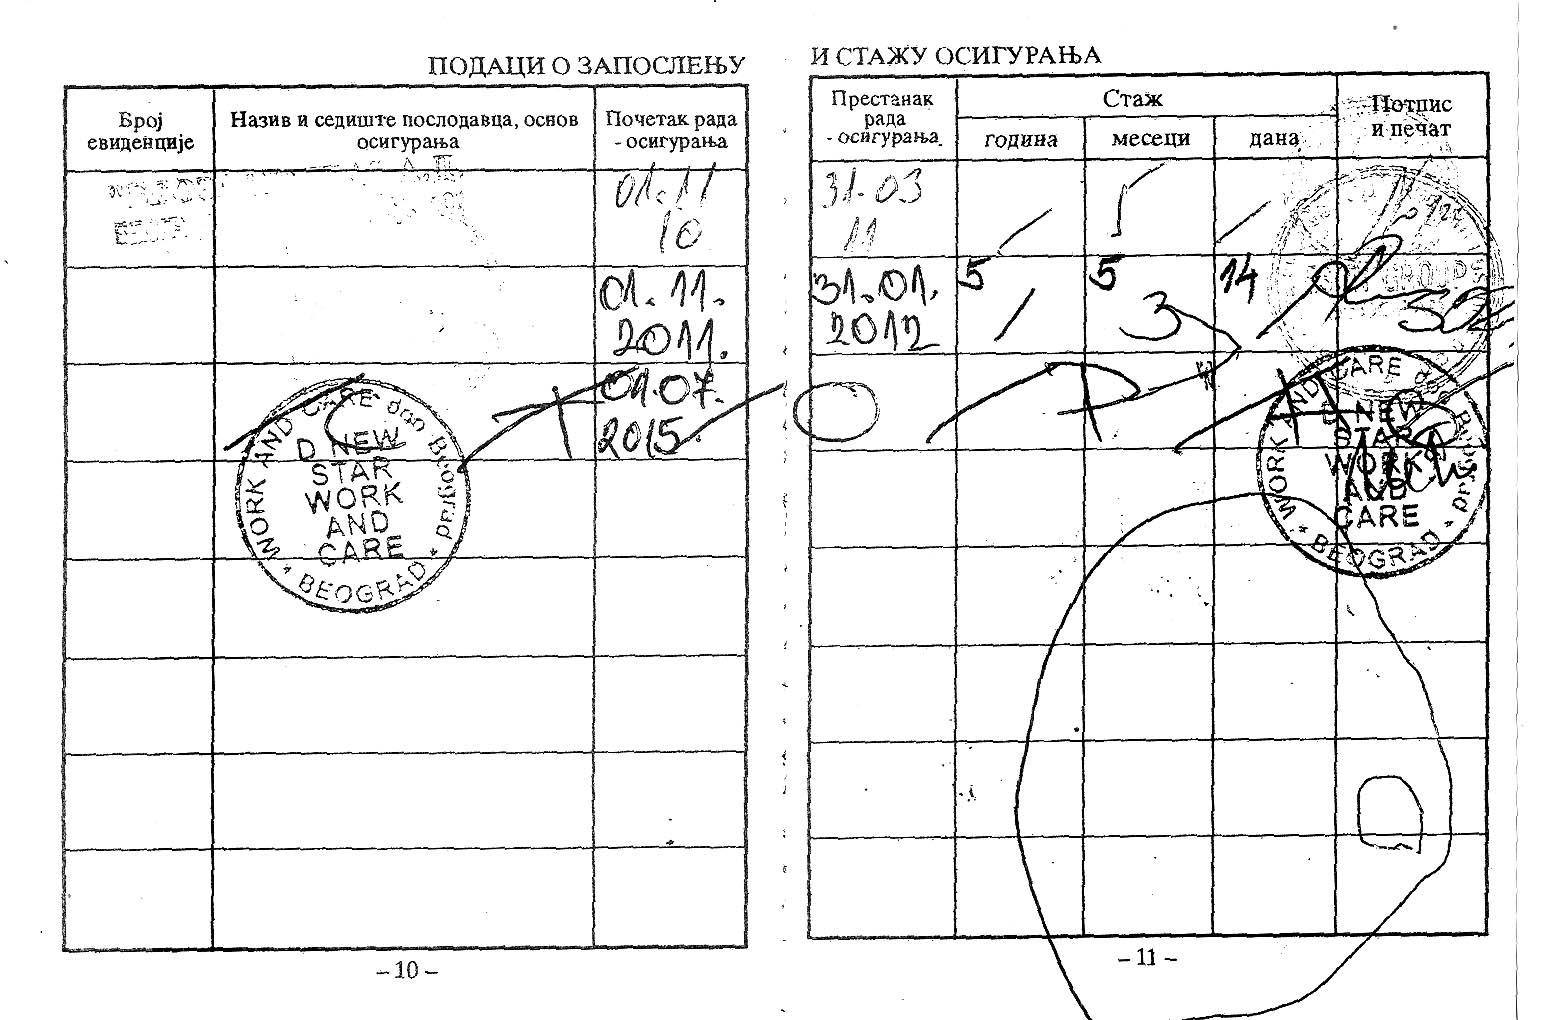 LINK 13 dokument Radna knjizica Kostin